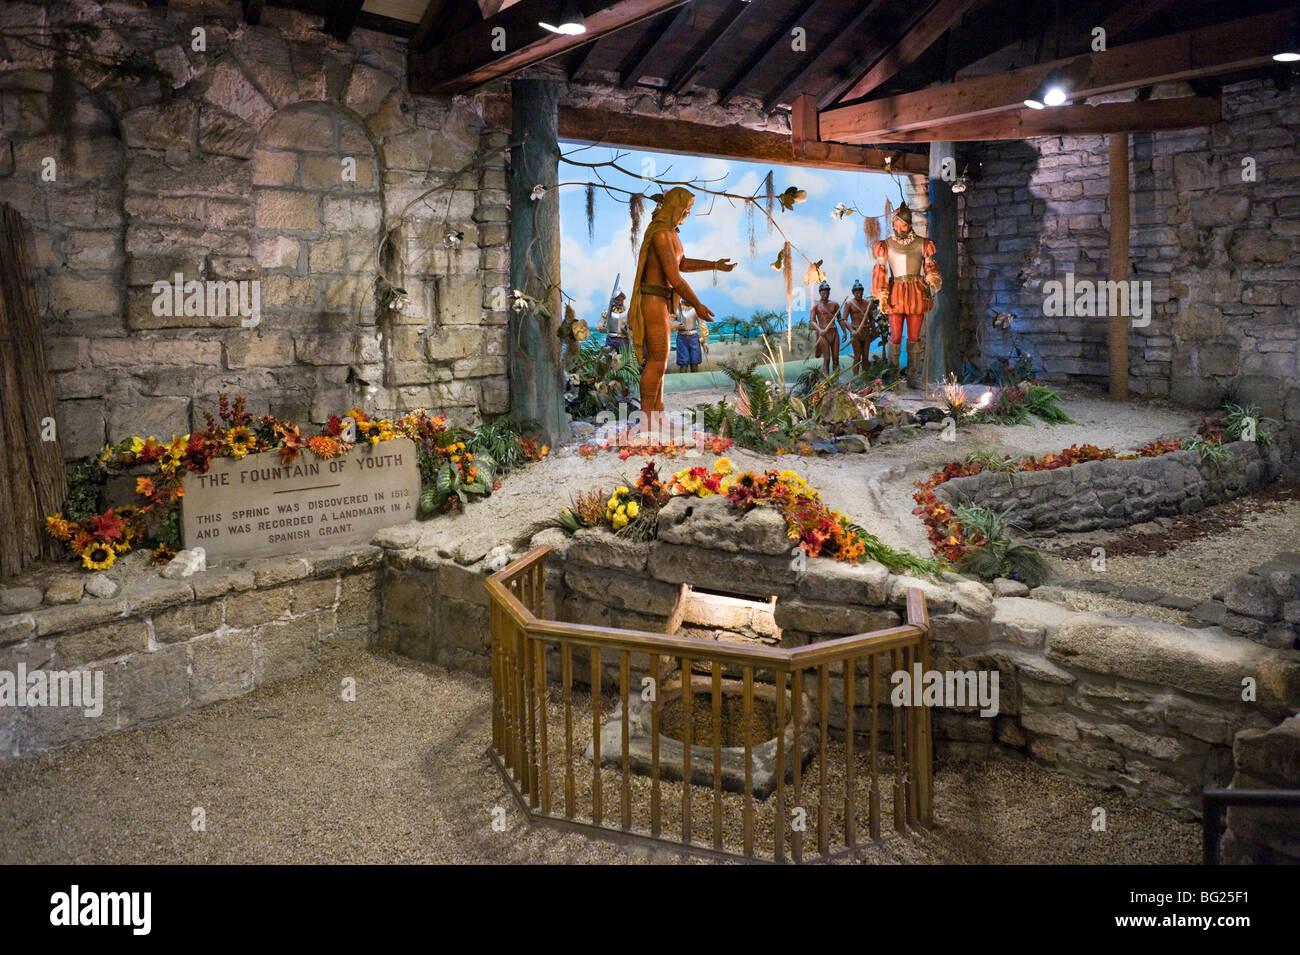 Die Quelle der Jugend mit einem Diorama der spanischen Soldaten und Indianer hinter St. Augustine, Florida, USA Stockbild